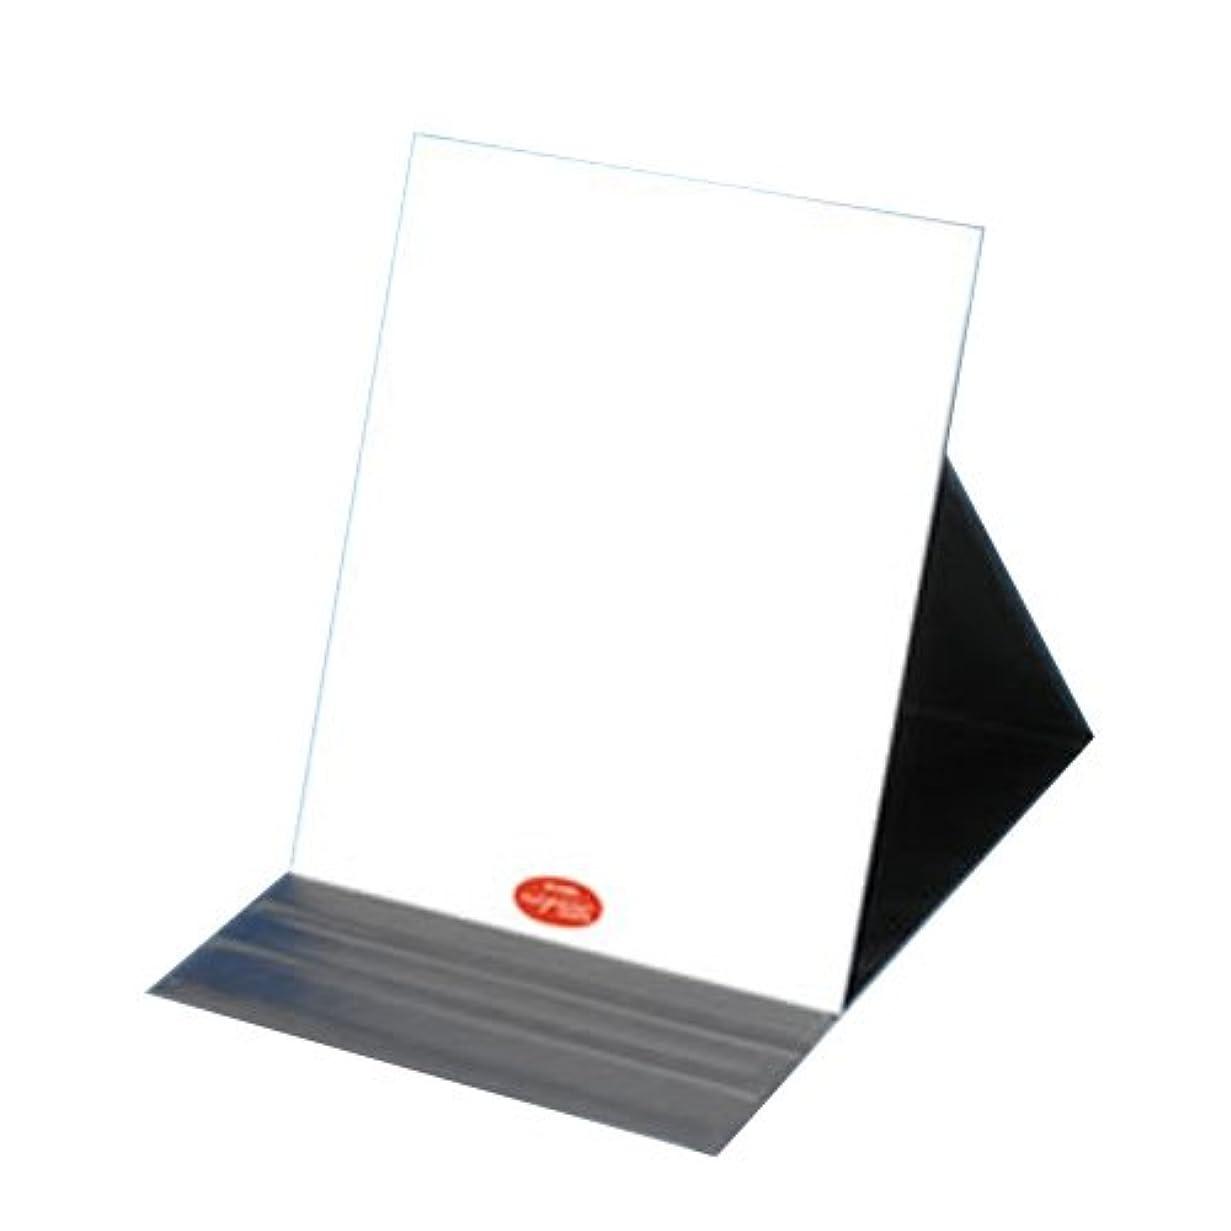 ソーセージマリナー不倫堀内鏡工業 ナピュア プロモデル角度調整3段階付き折立ミラー エコLL 単品